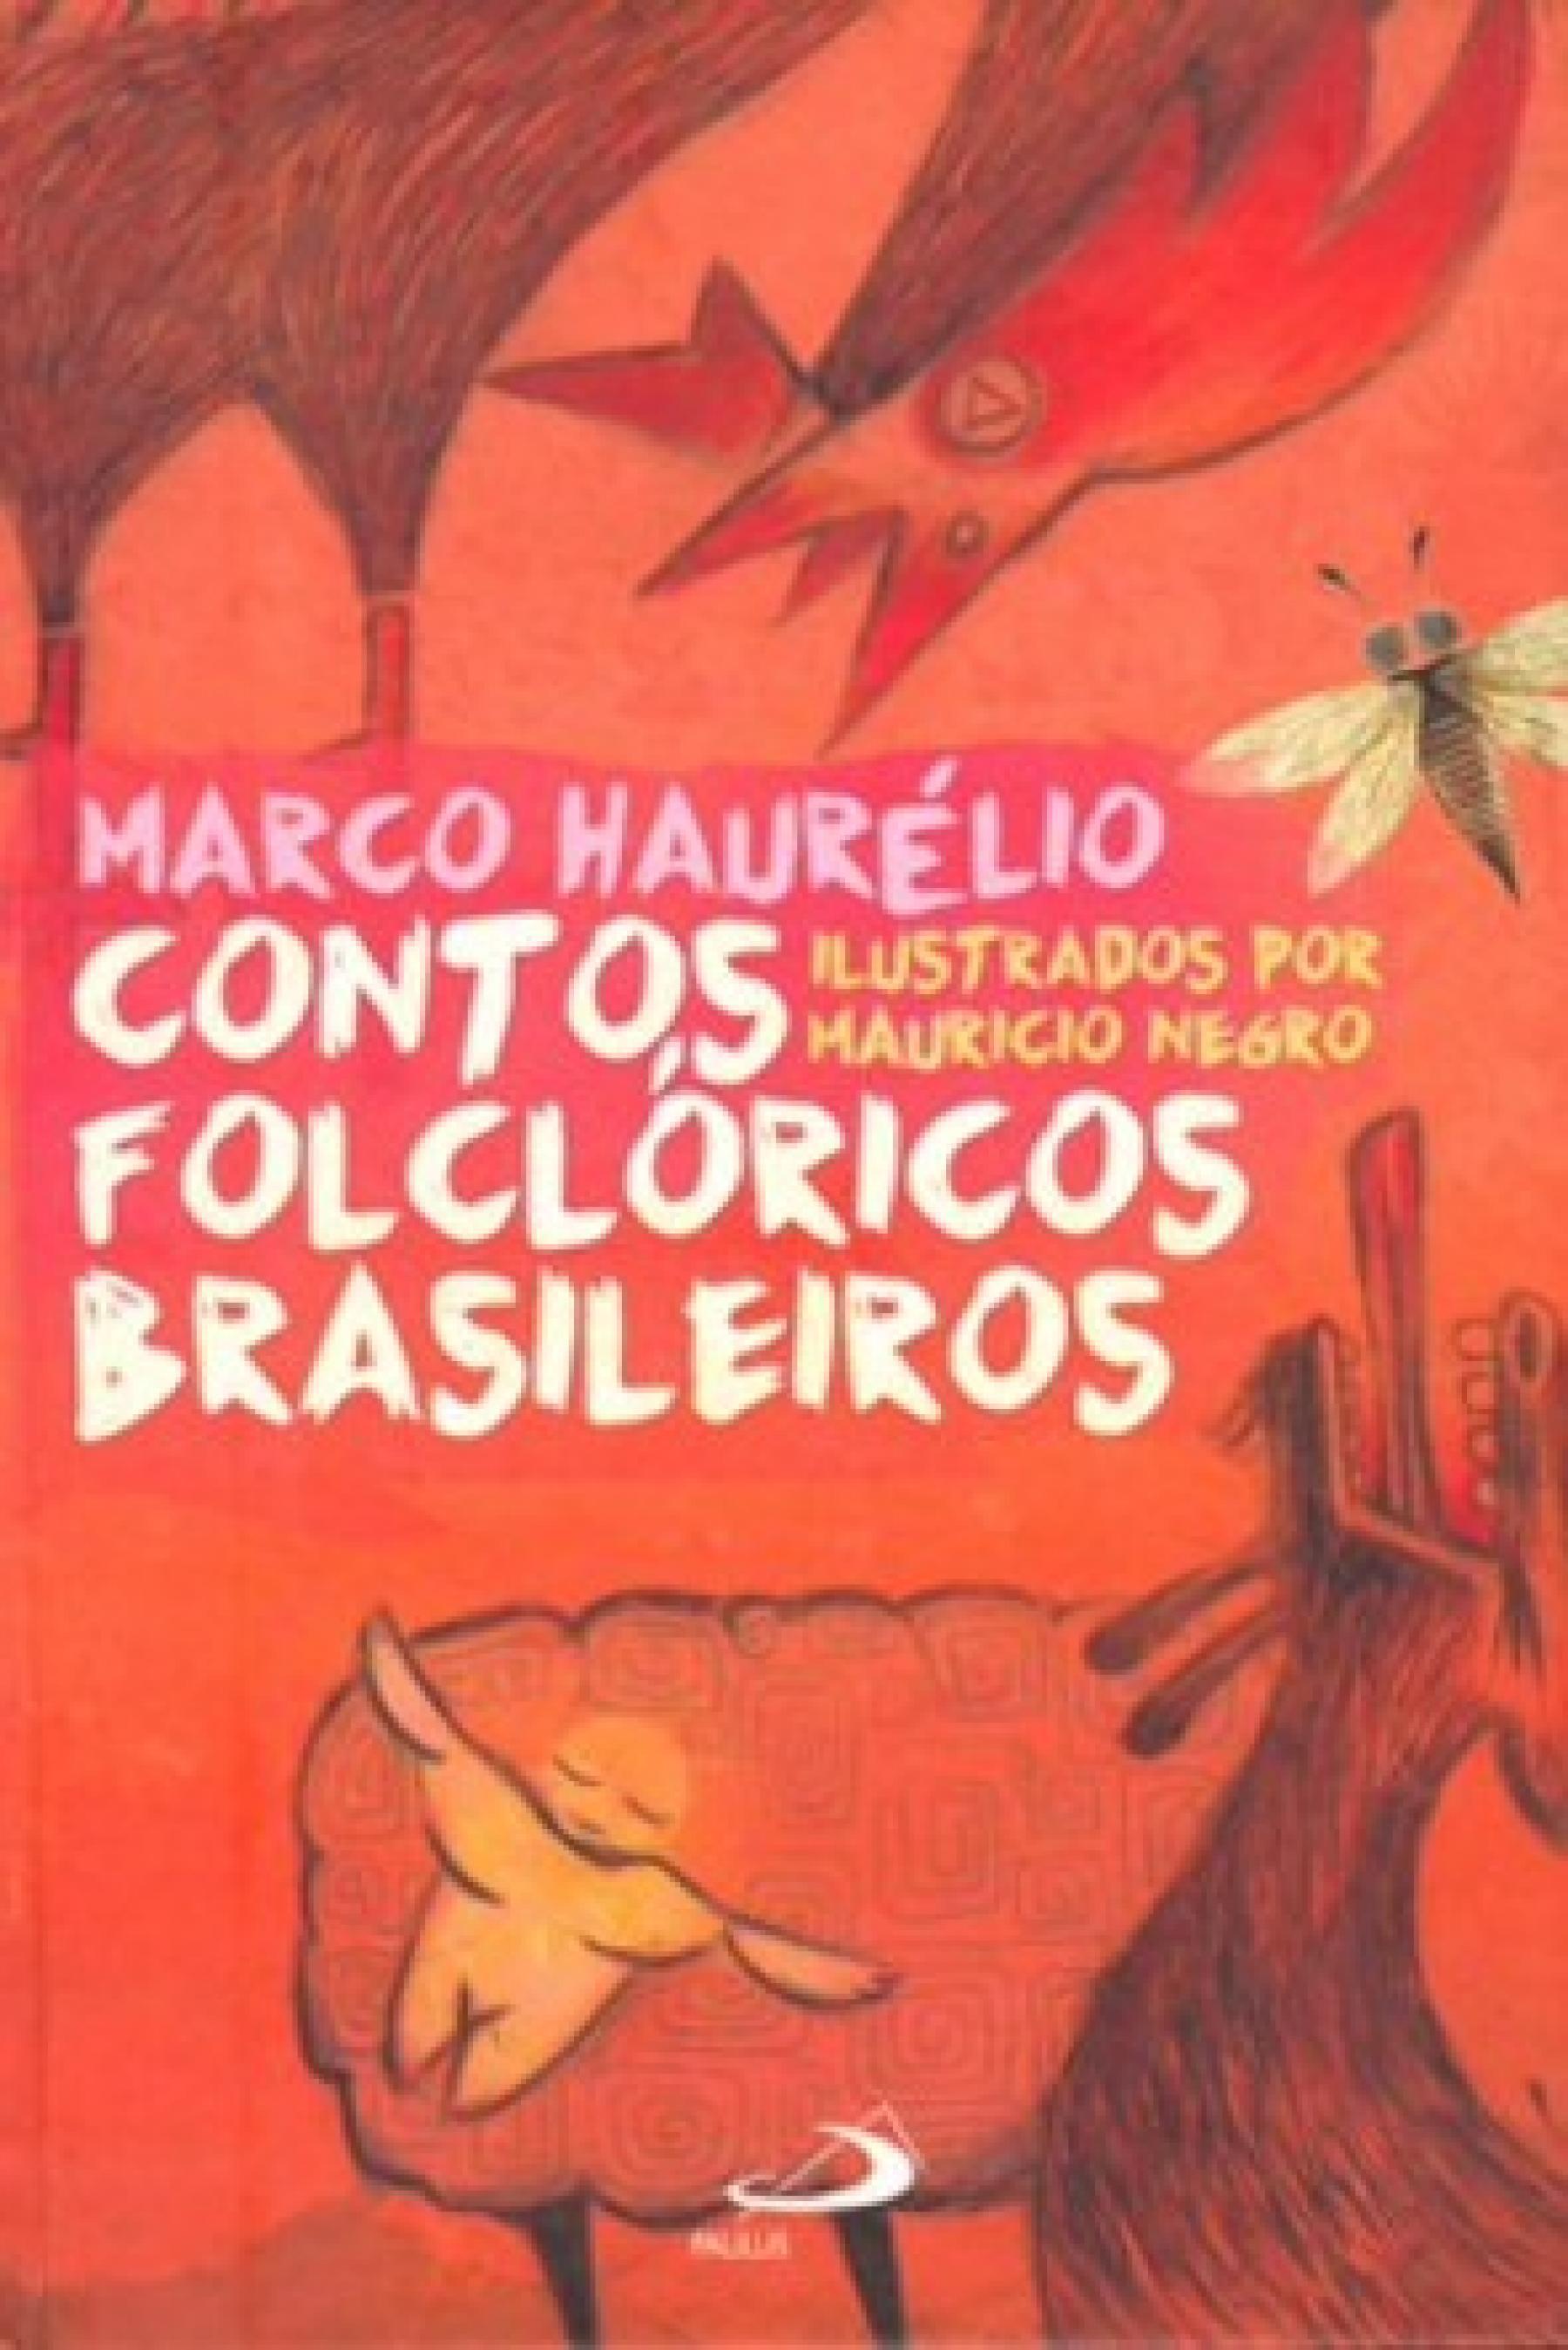 Marco Haurélio